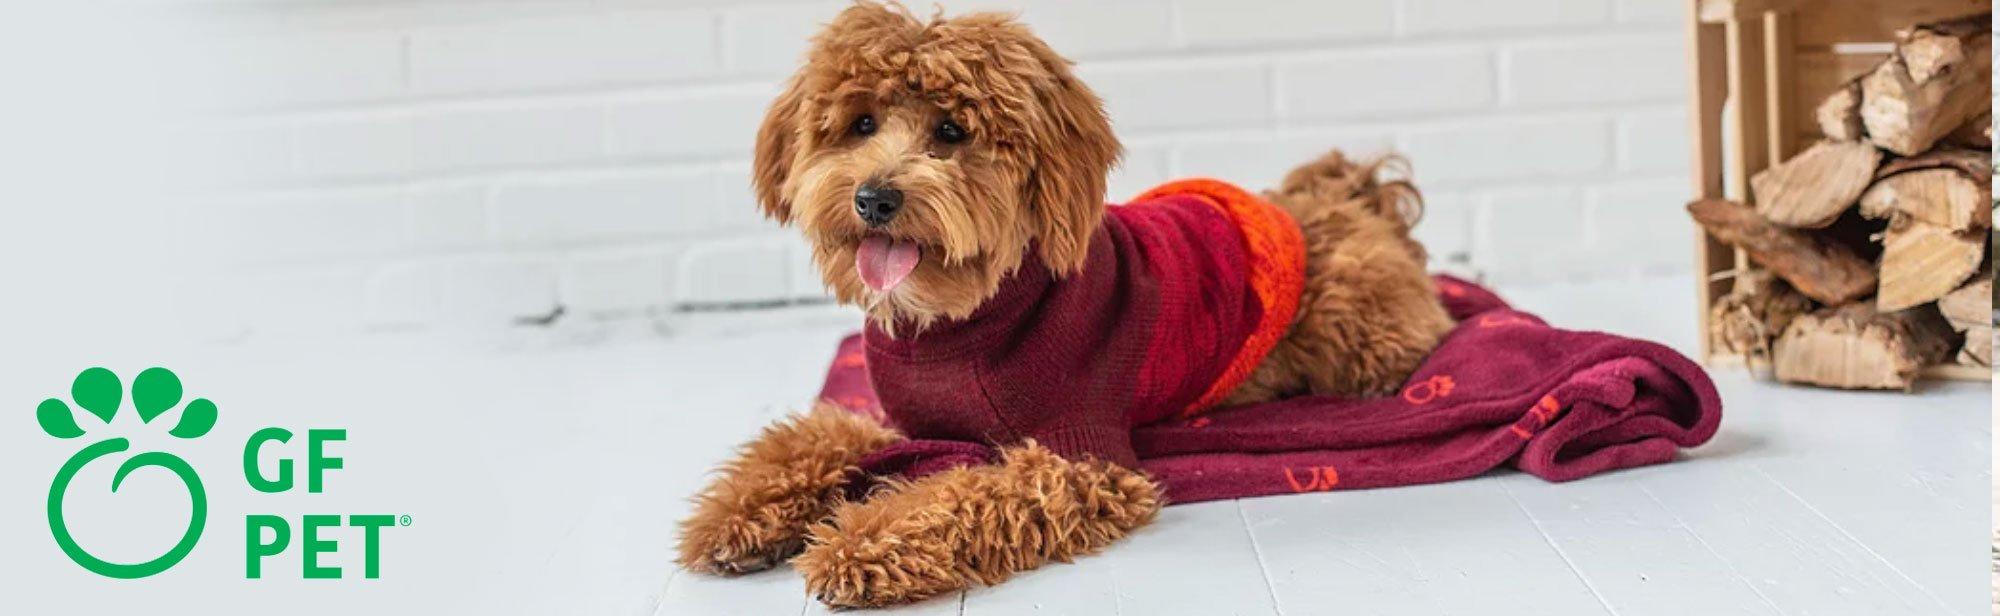 GF Pet Hundebekleidung, Bild 4